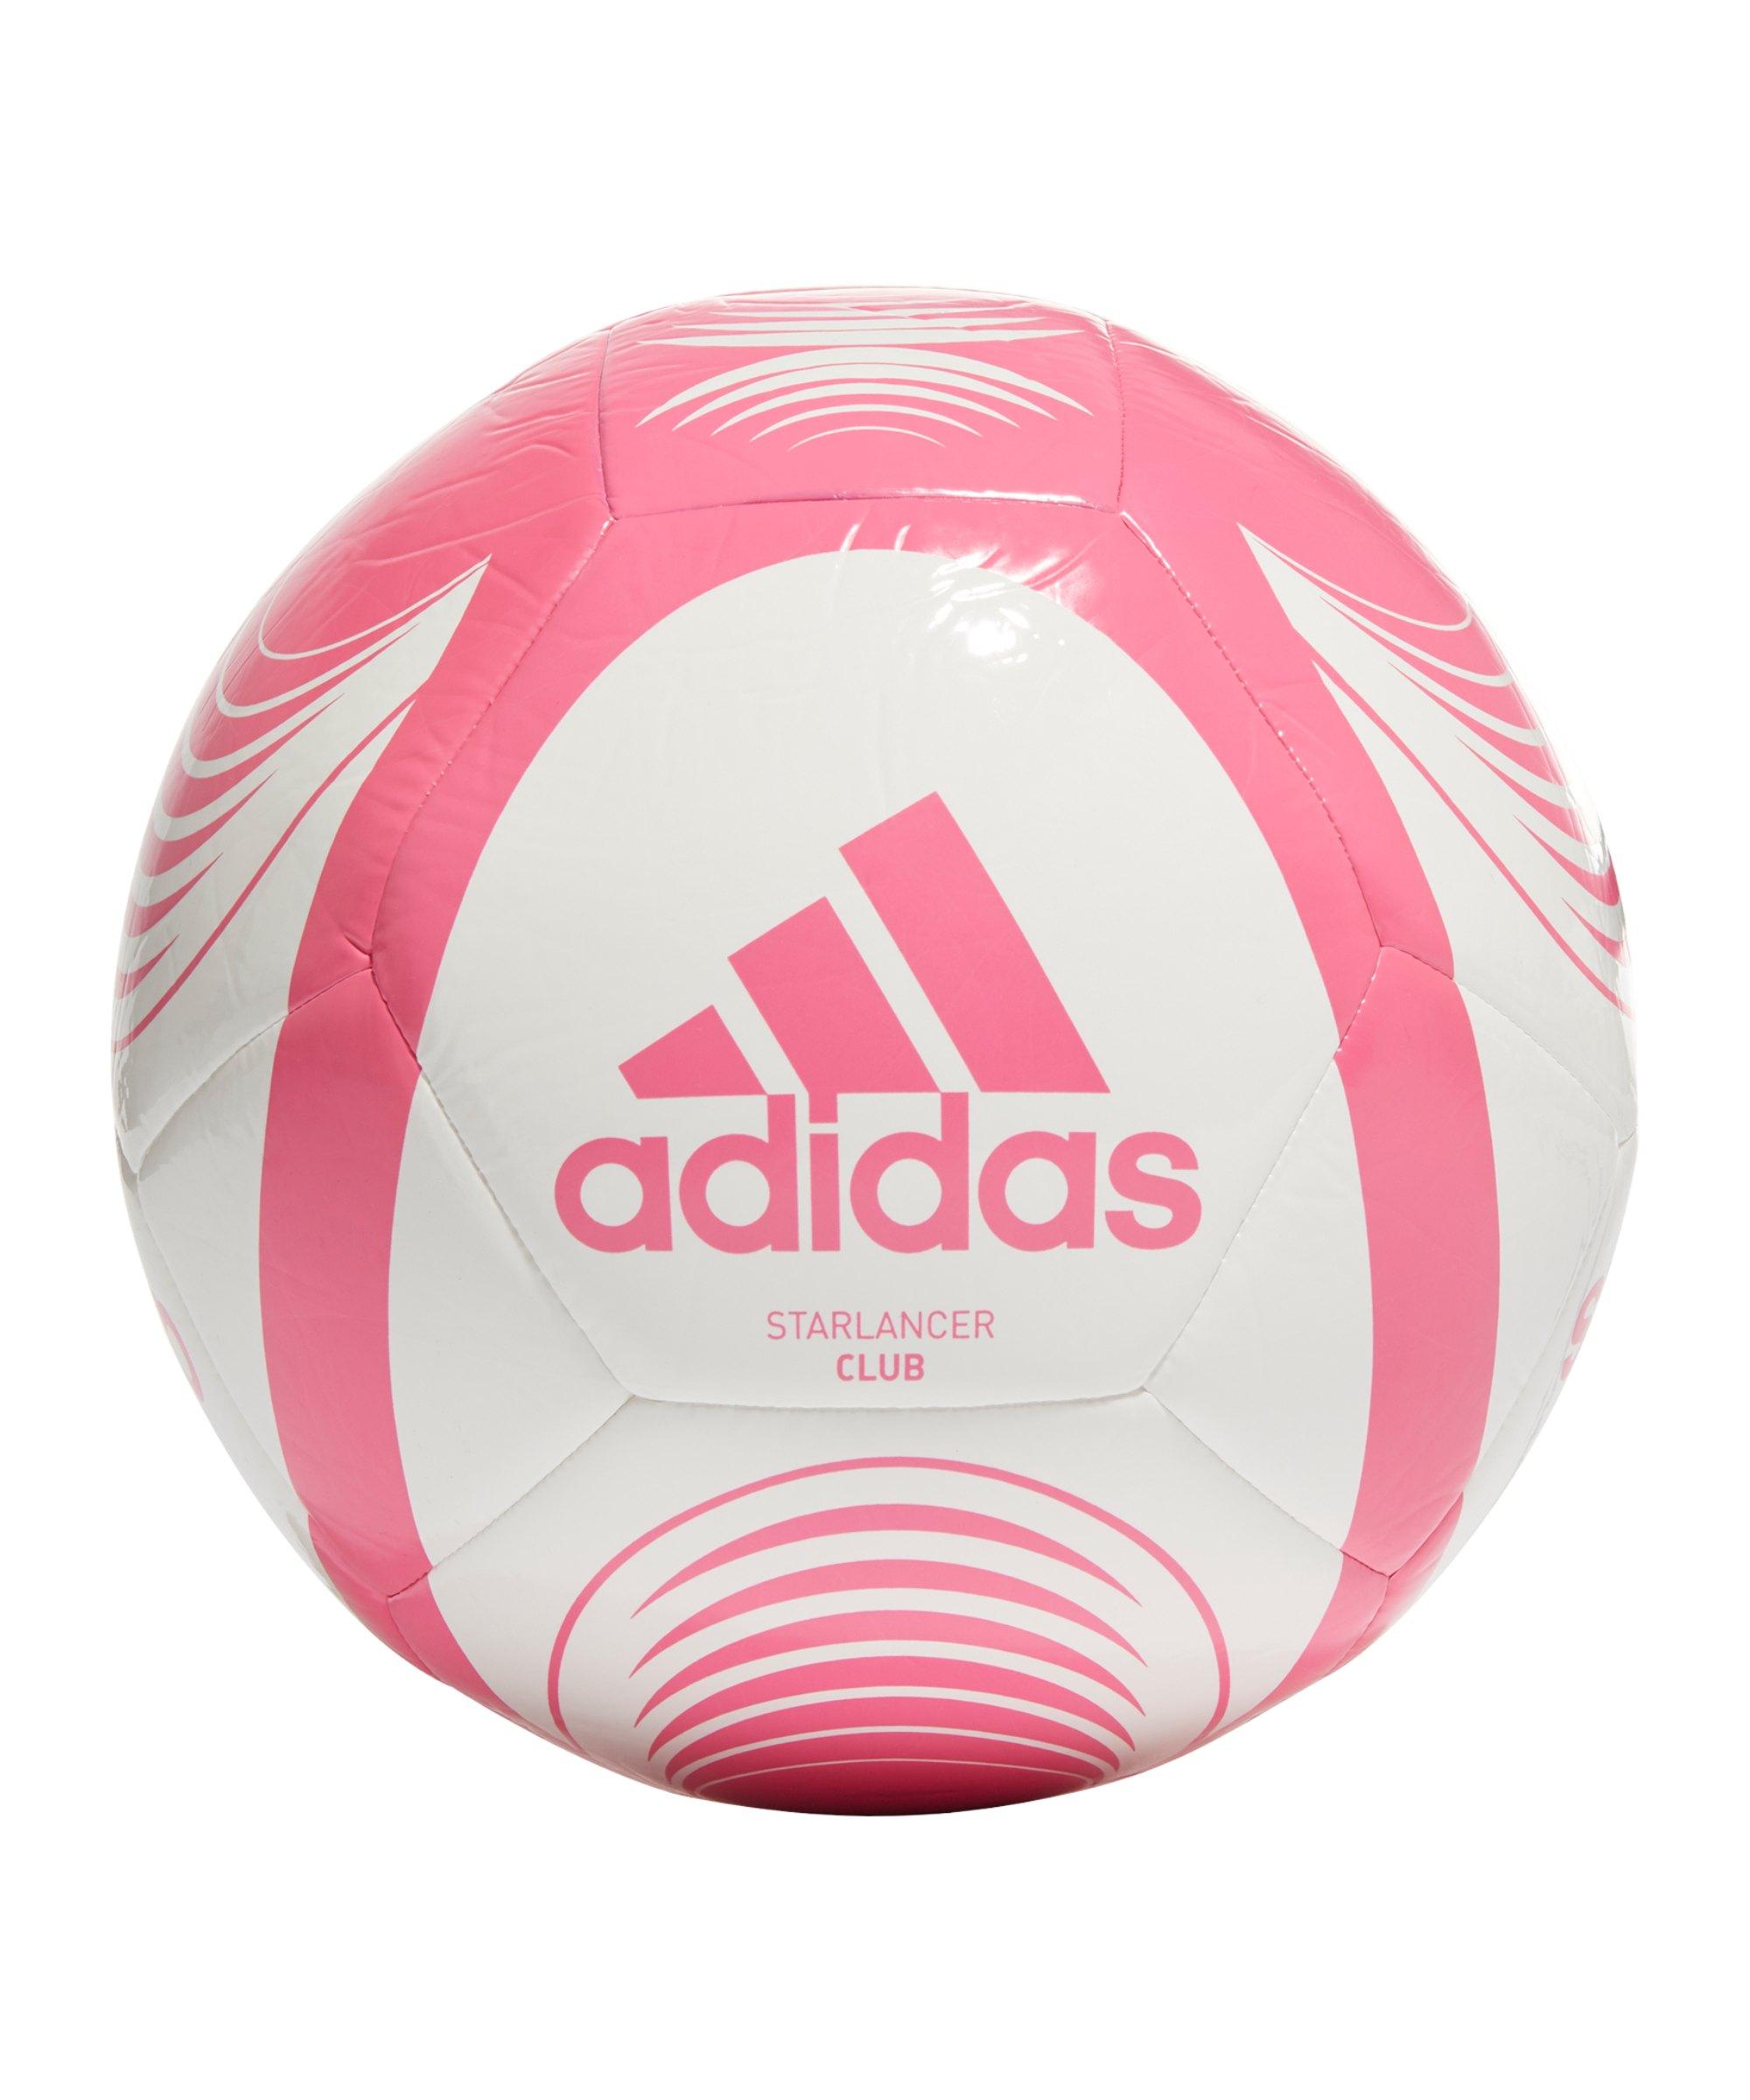 adidas Starlancer Club Fussball Weiss Pink - weiss